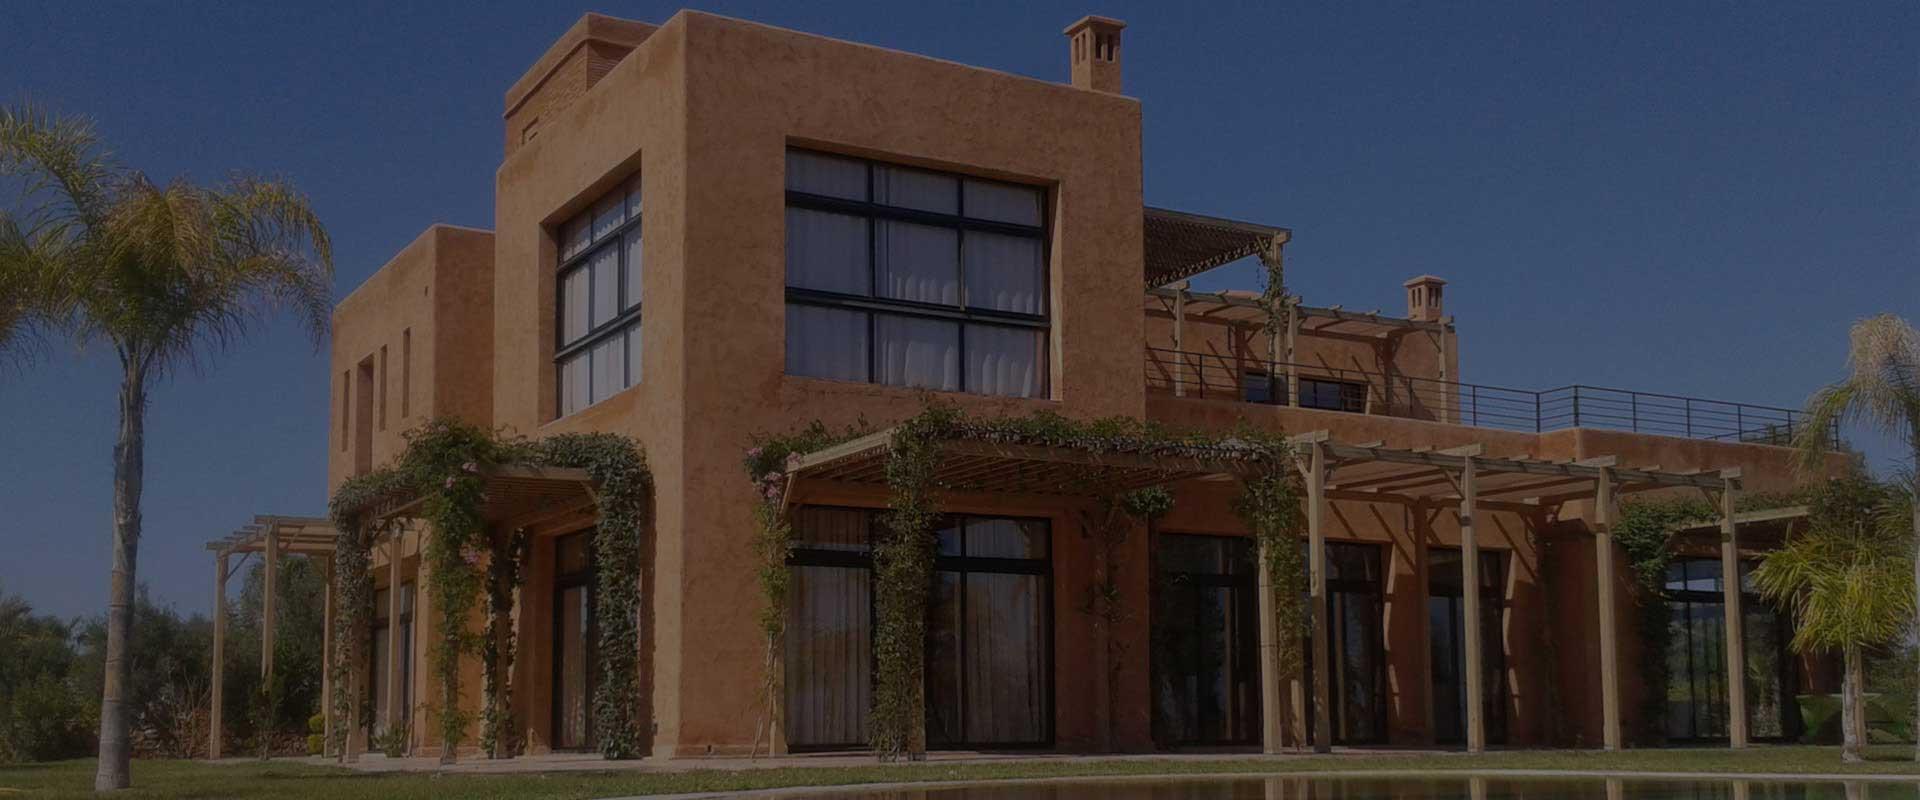 Immobilier de luxe et de prestige marrakech for Achat maison marrakech